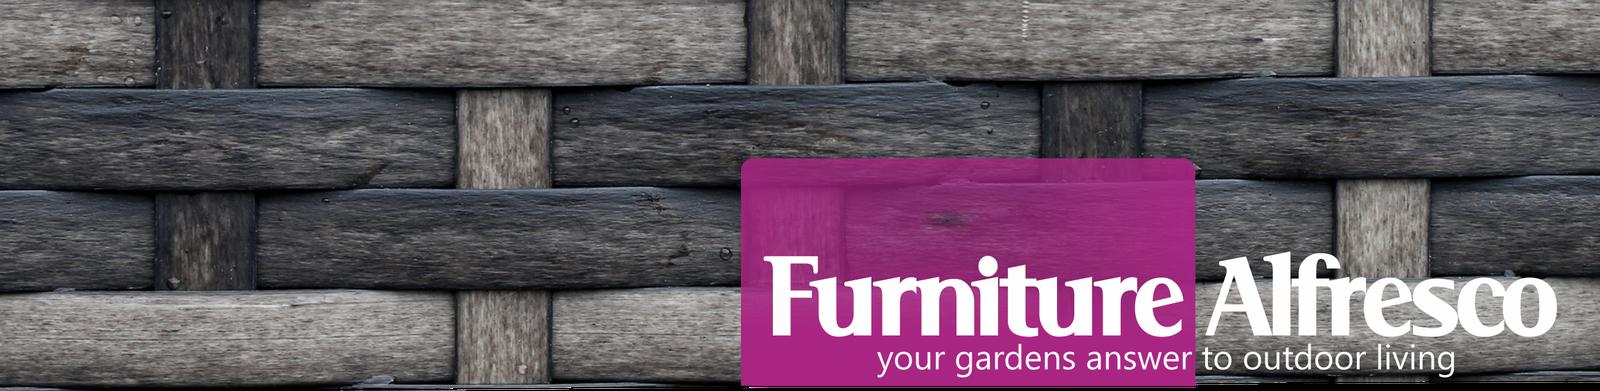 Furniture-Alfresco